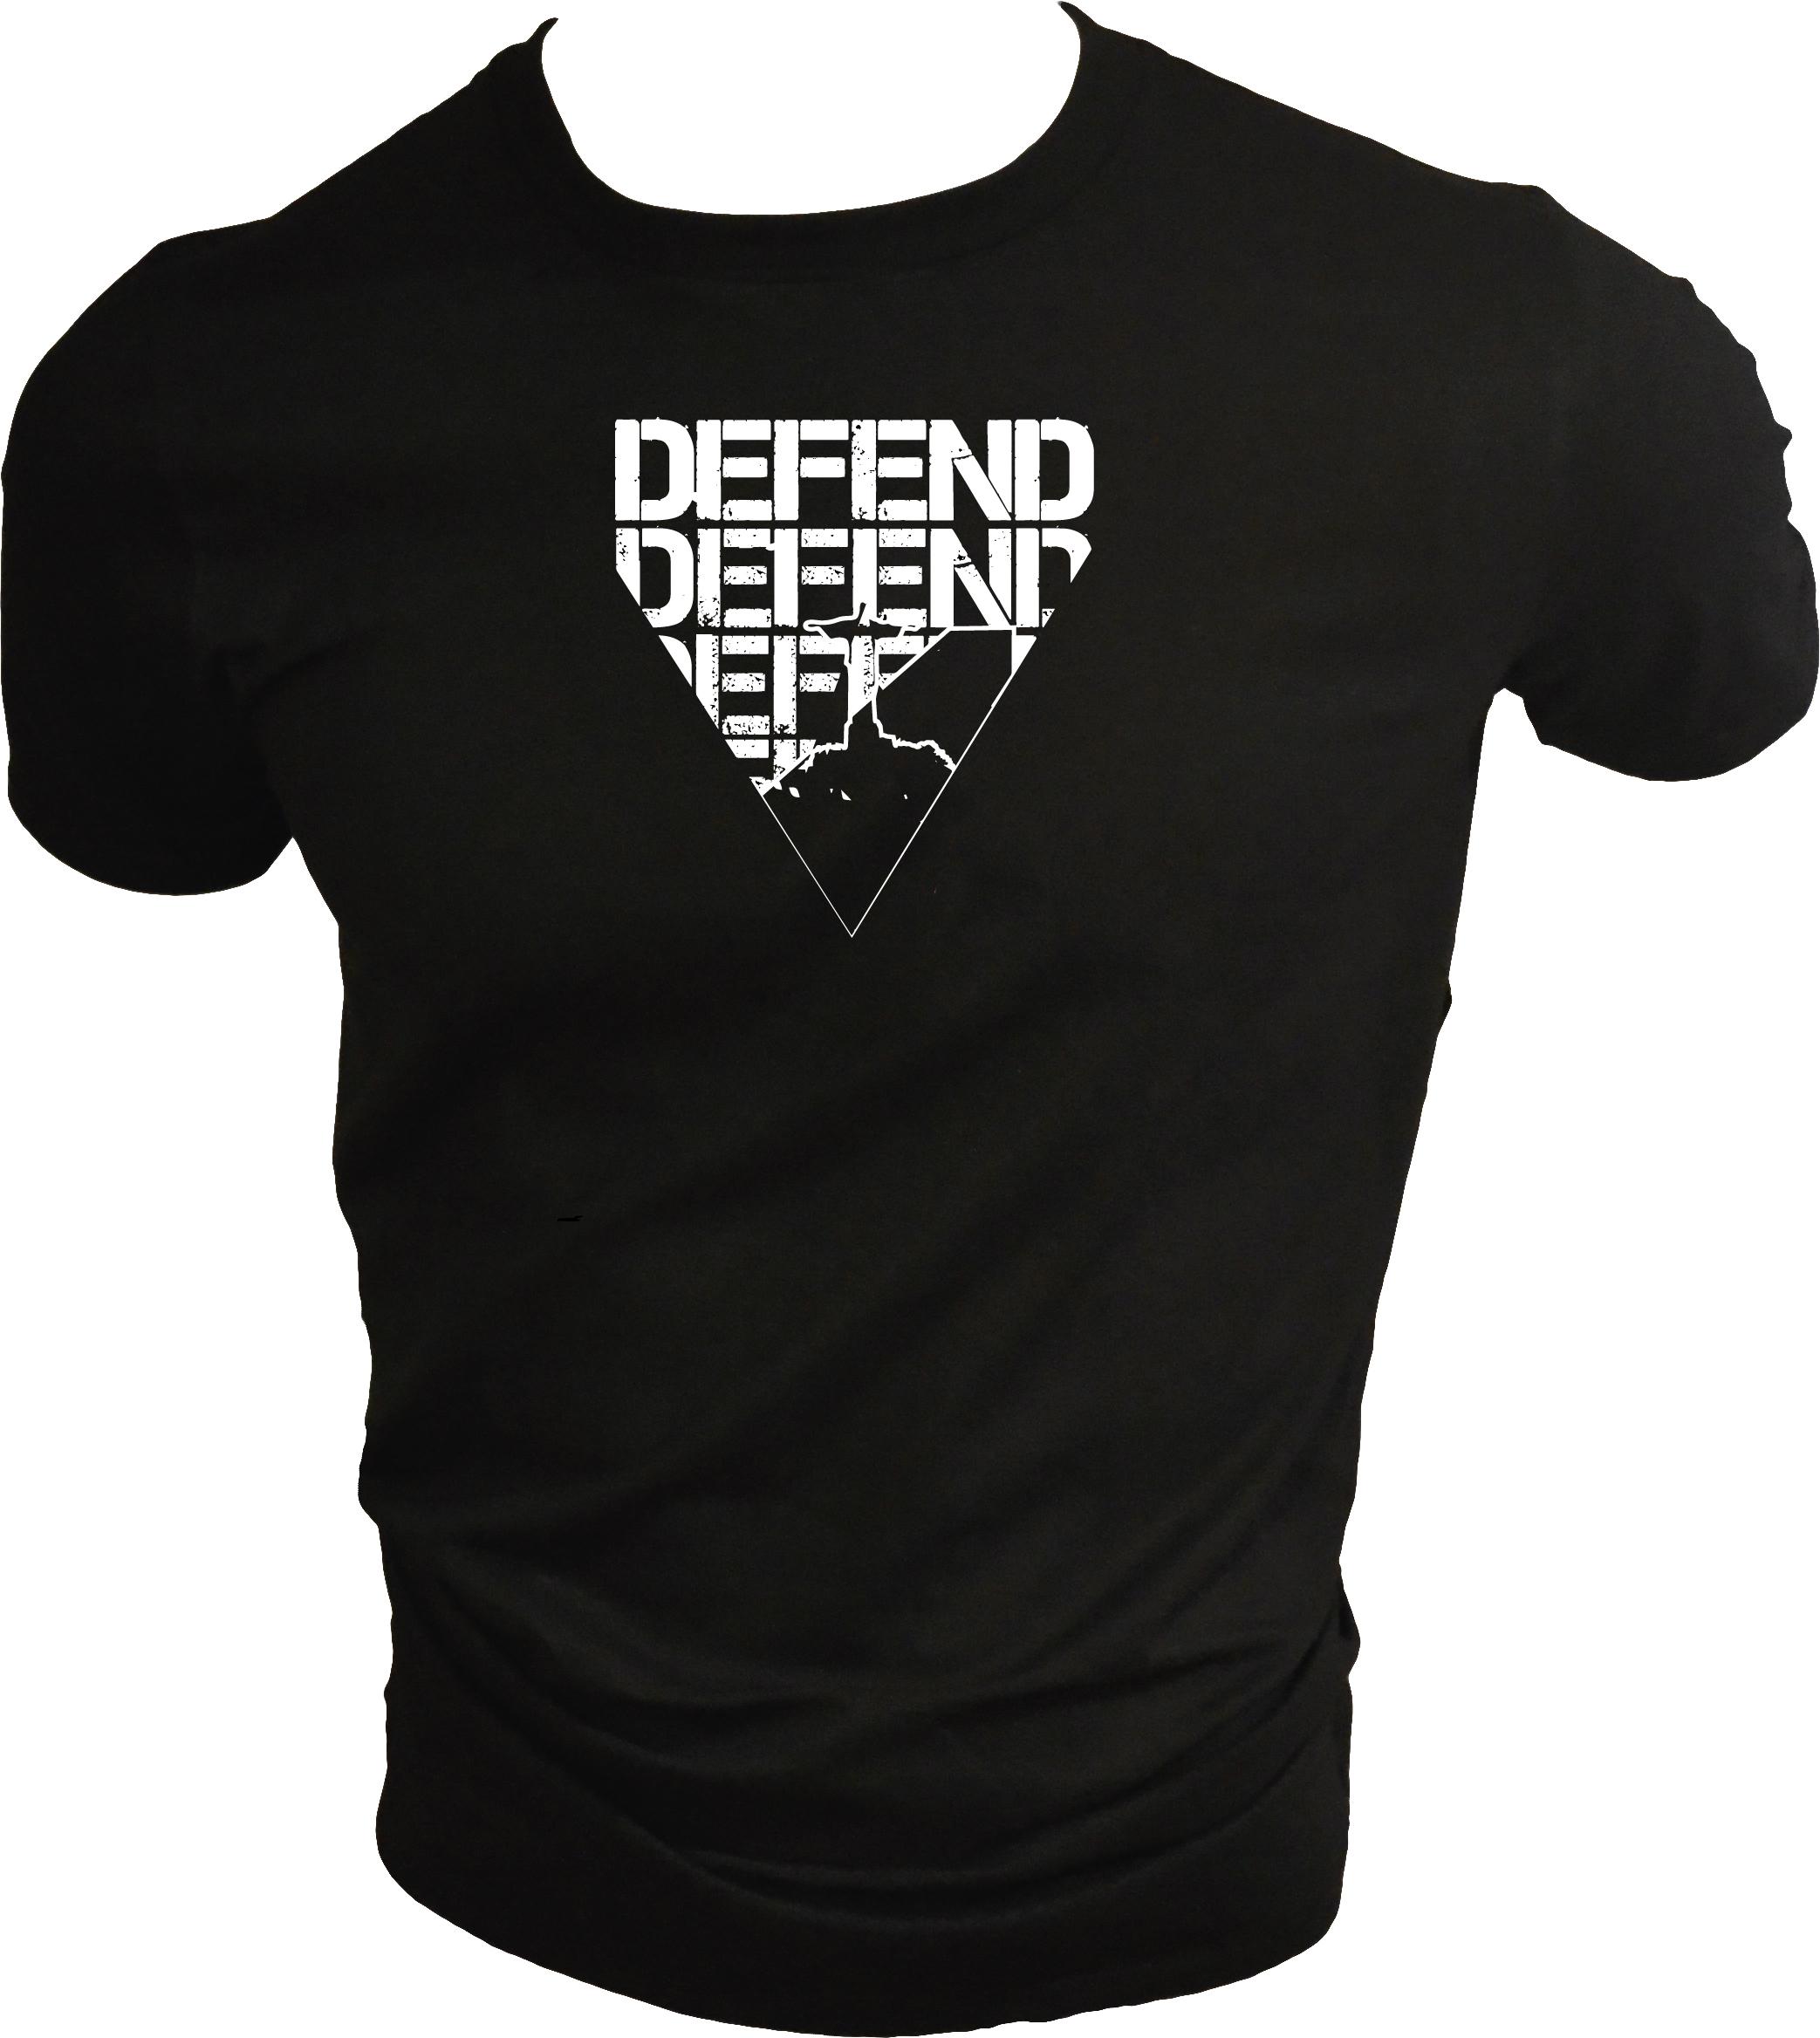 defend rio logo.jpg